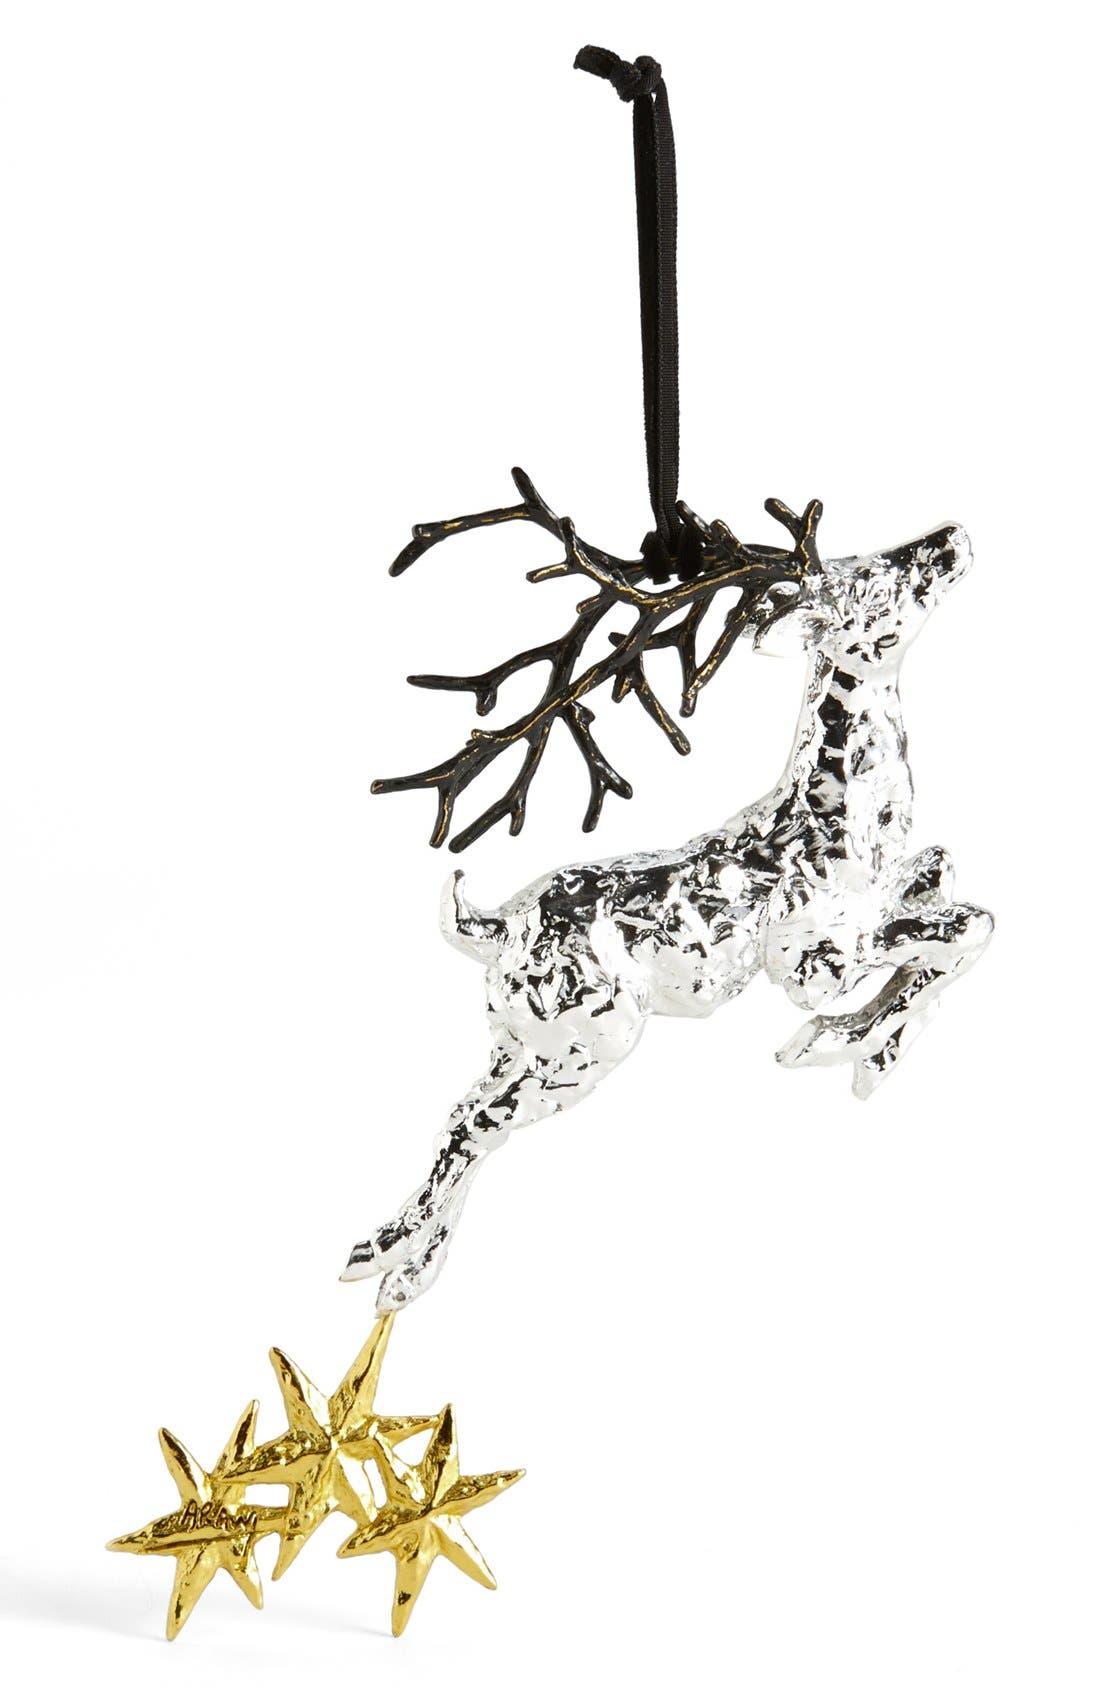 Main Image - Michael Aram 'Reindeer' Ornament